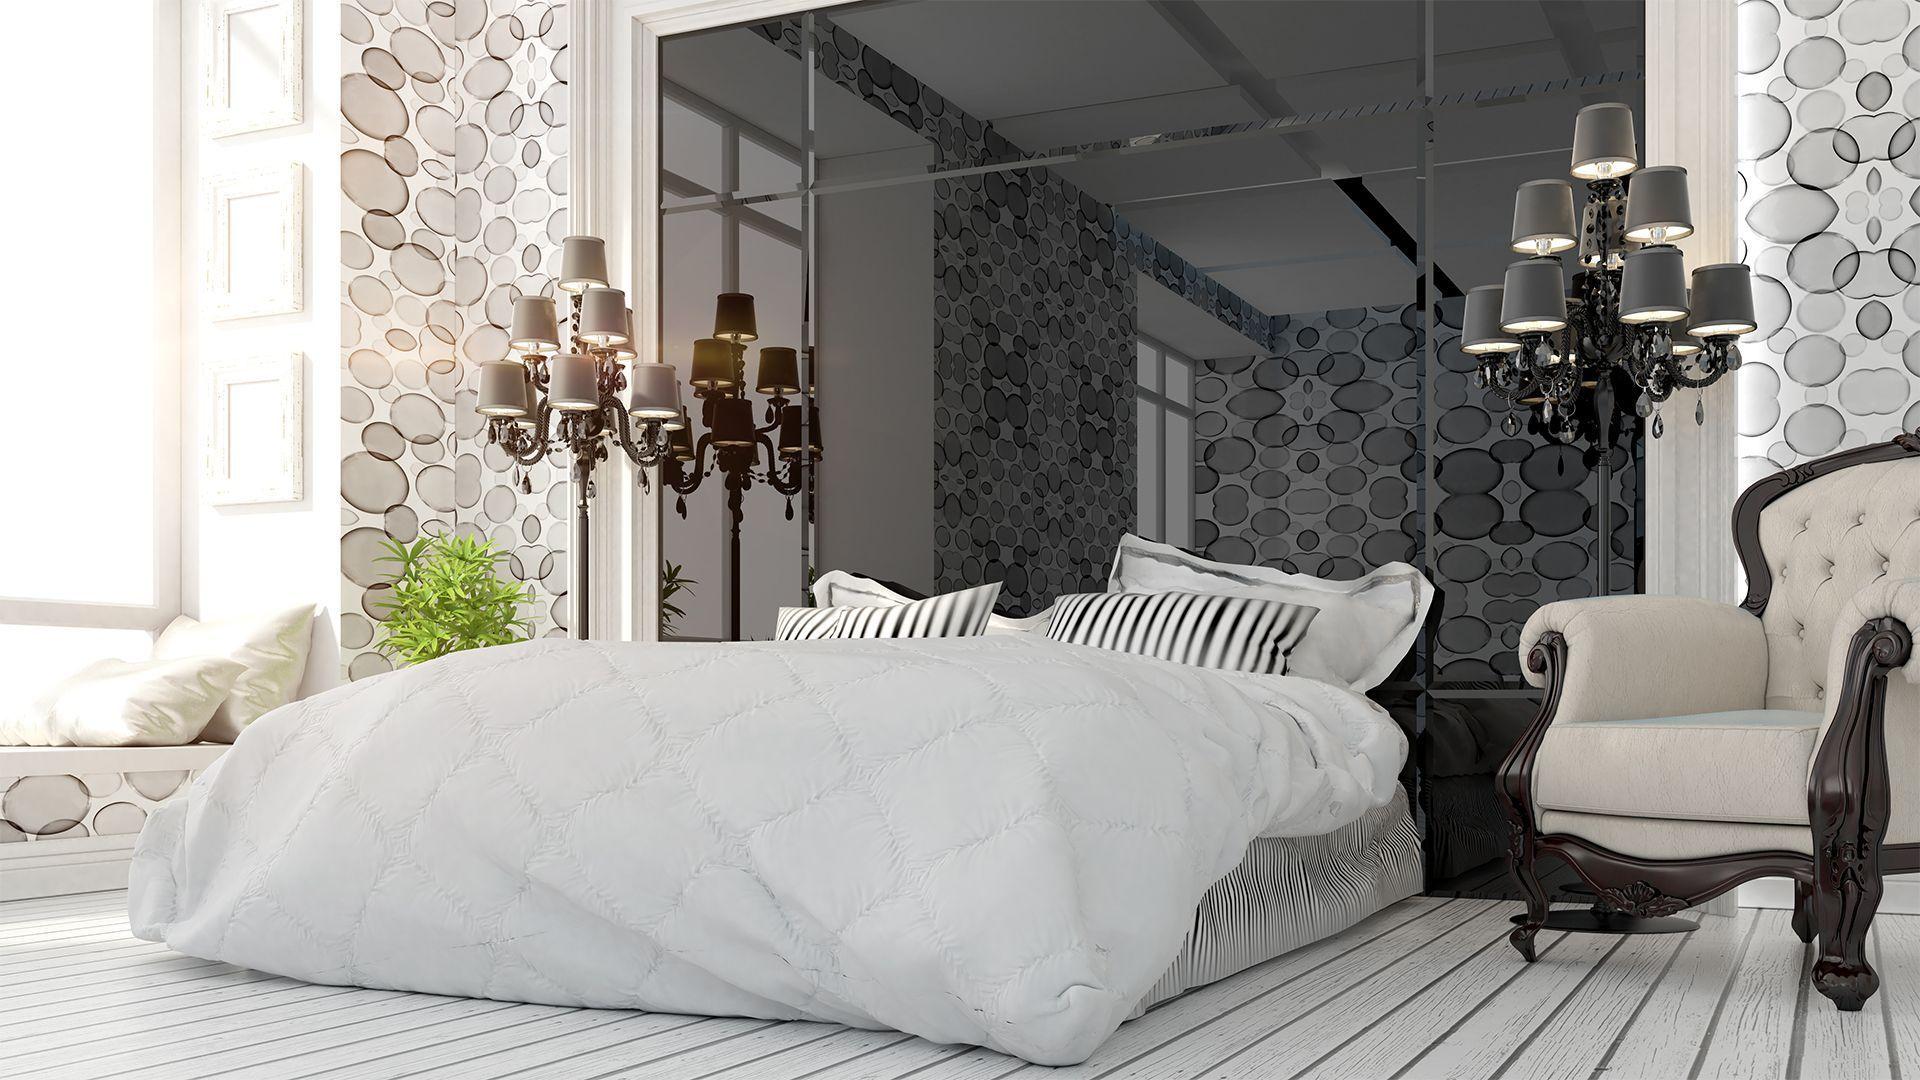 Nieuwe Inrichting Slaapkamer : Nieuwe slaapkamer u2013 interieuradvies in de regio goes middelburg en